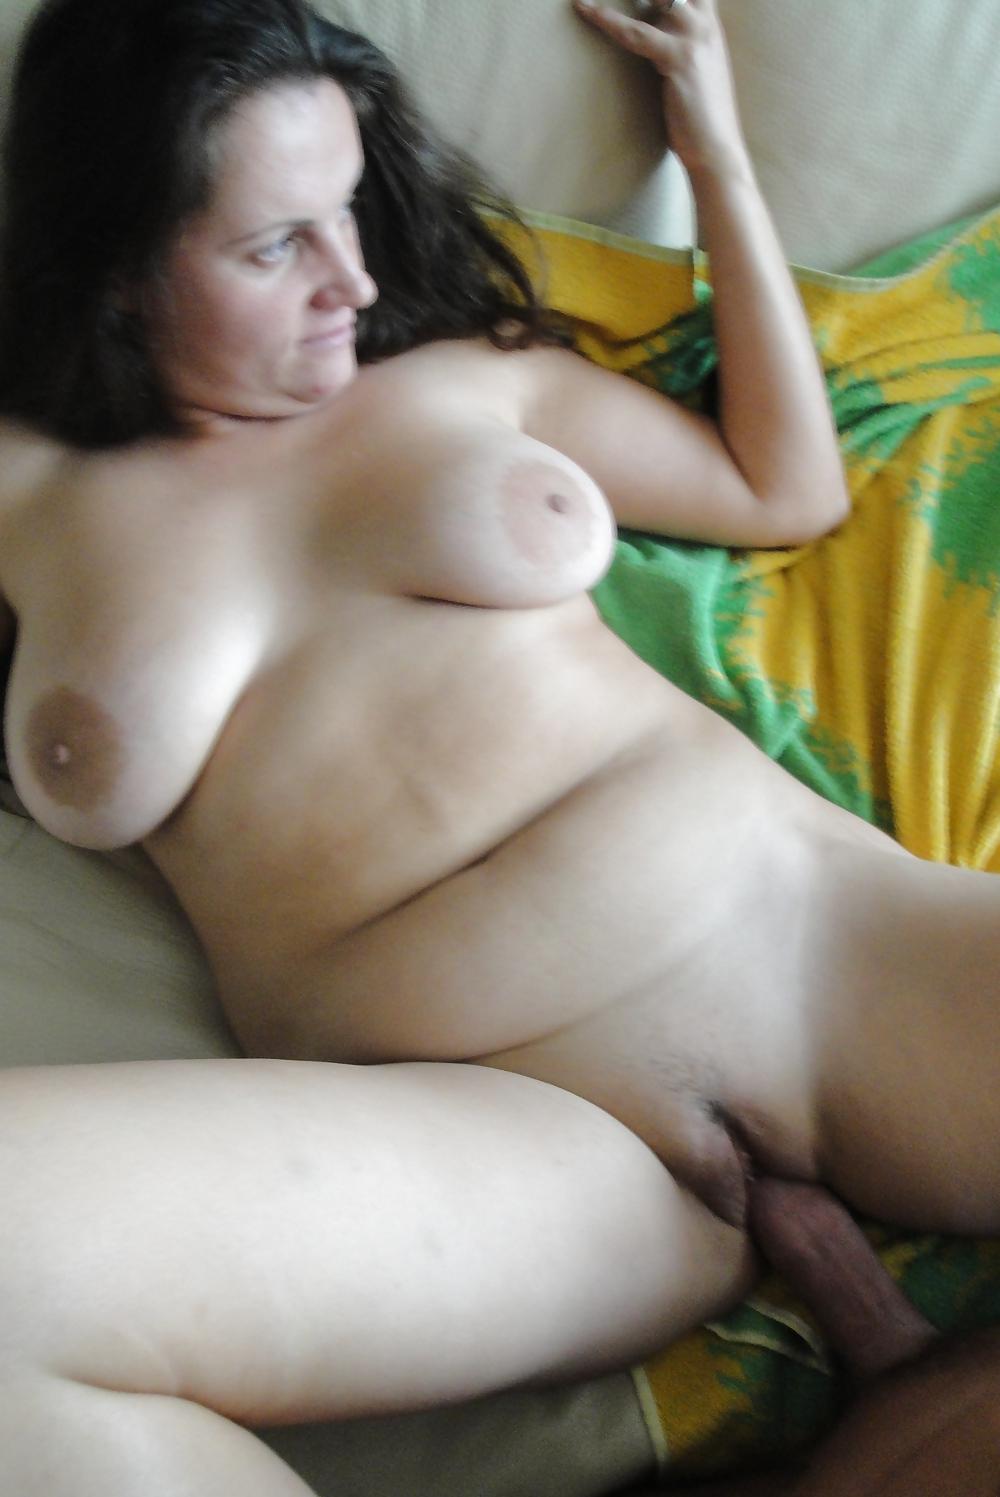 женщины легко выебать толстую хохлушку нашел красную